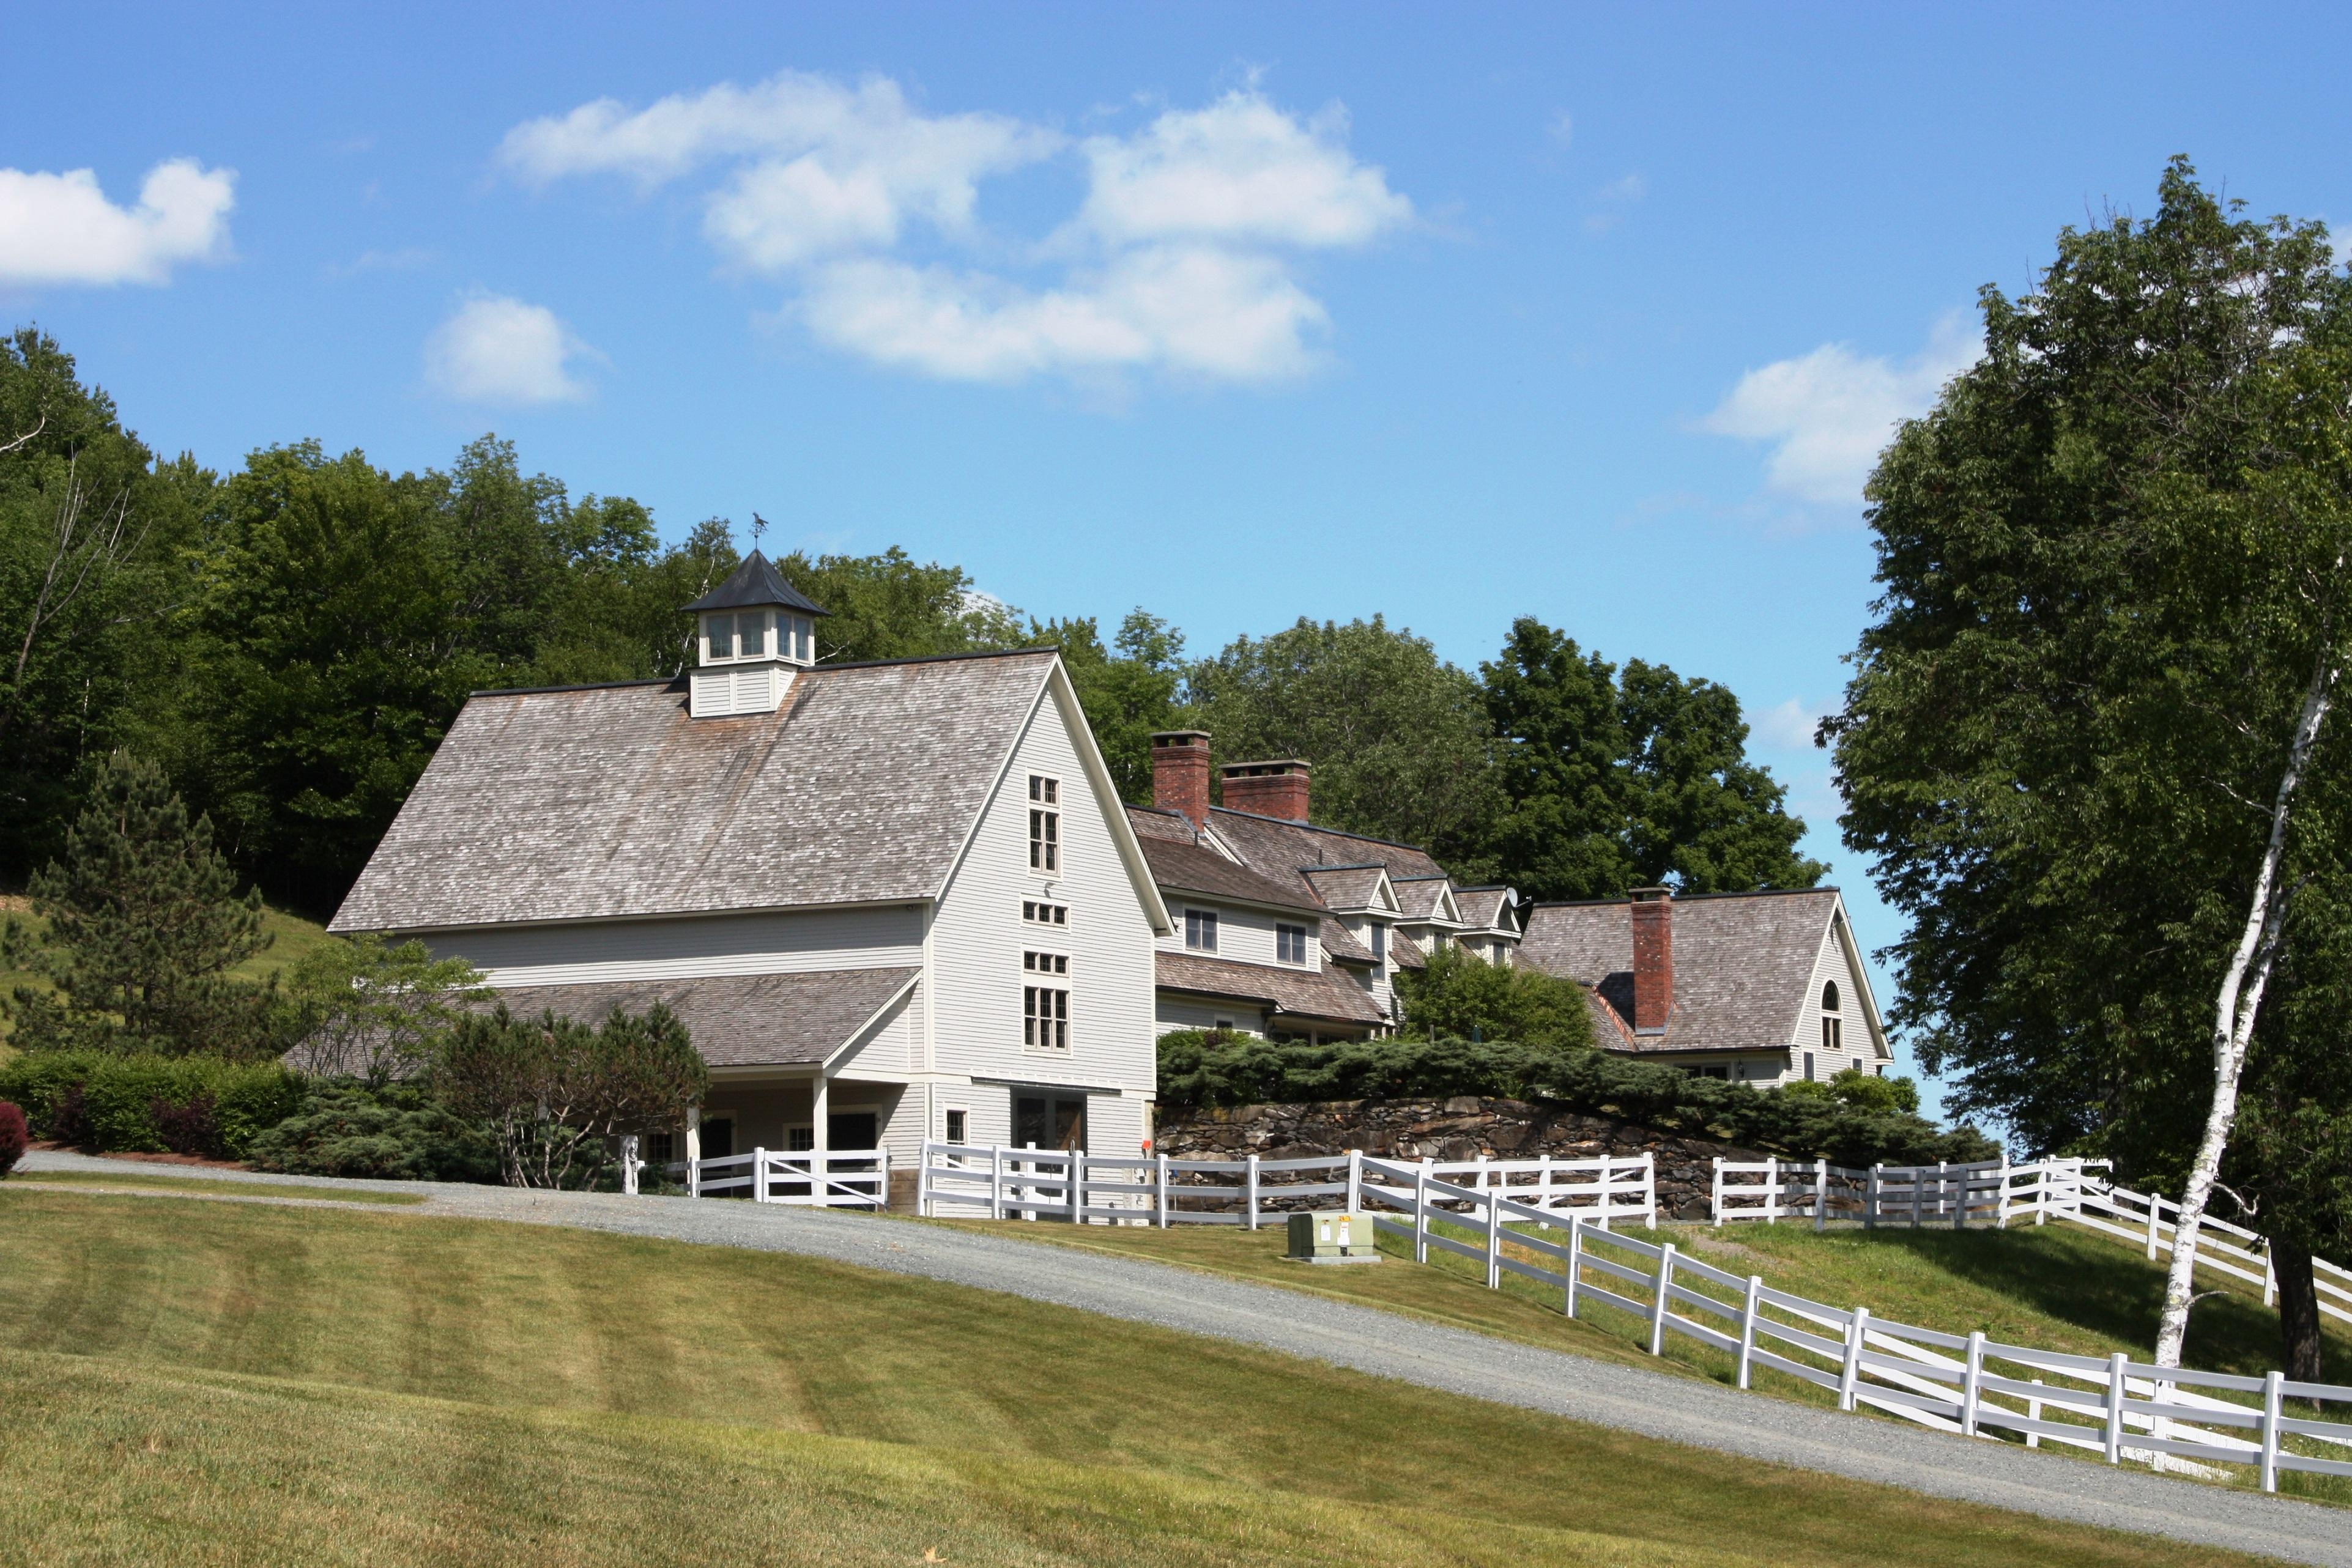 Maison unifamiliale pour l Vente à 1055 Sayer, Barnard Barnard, Vermont, 05031 États-Unis